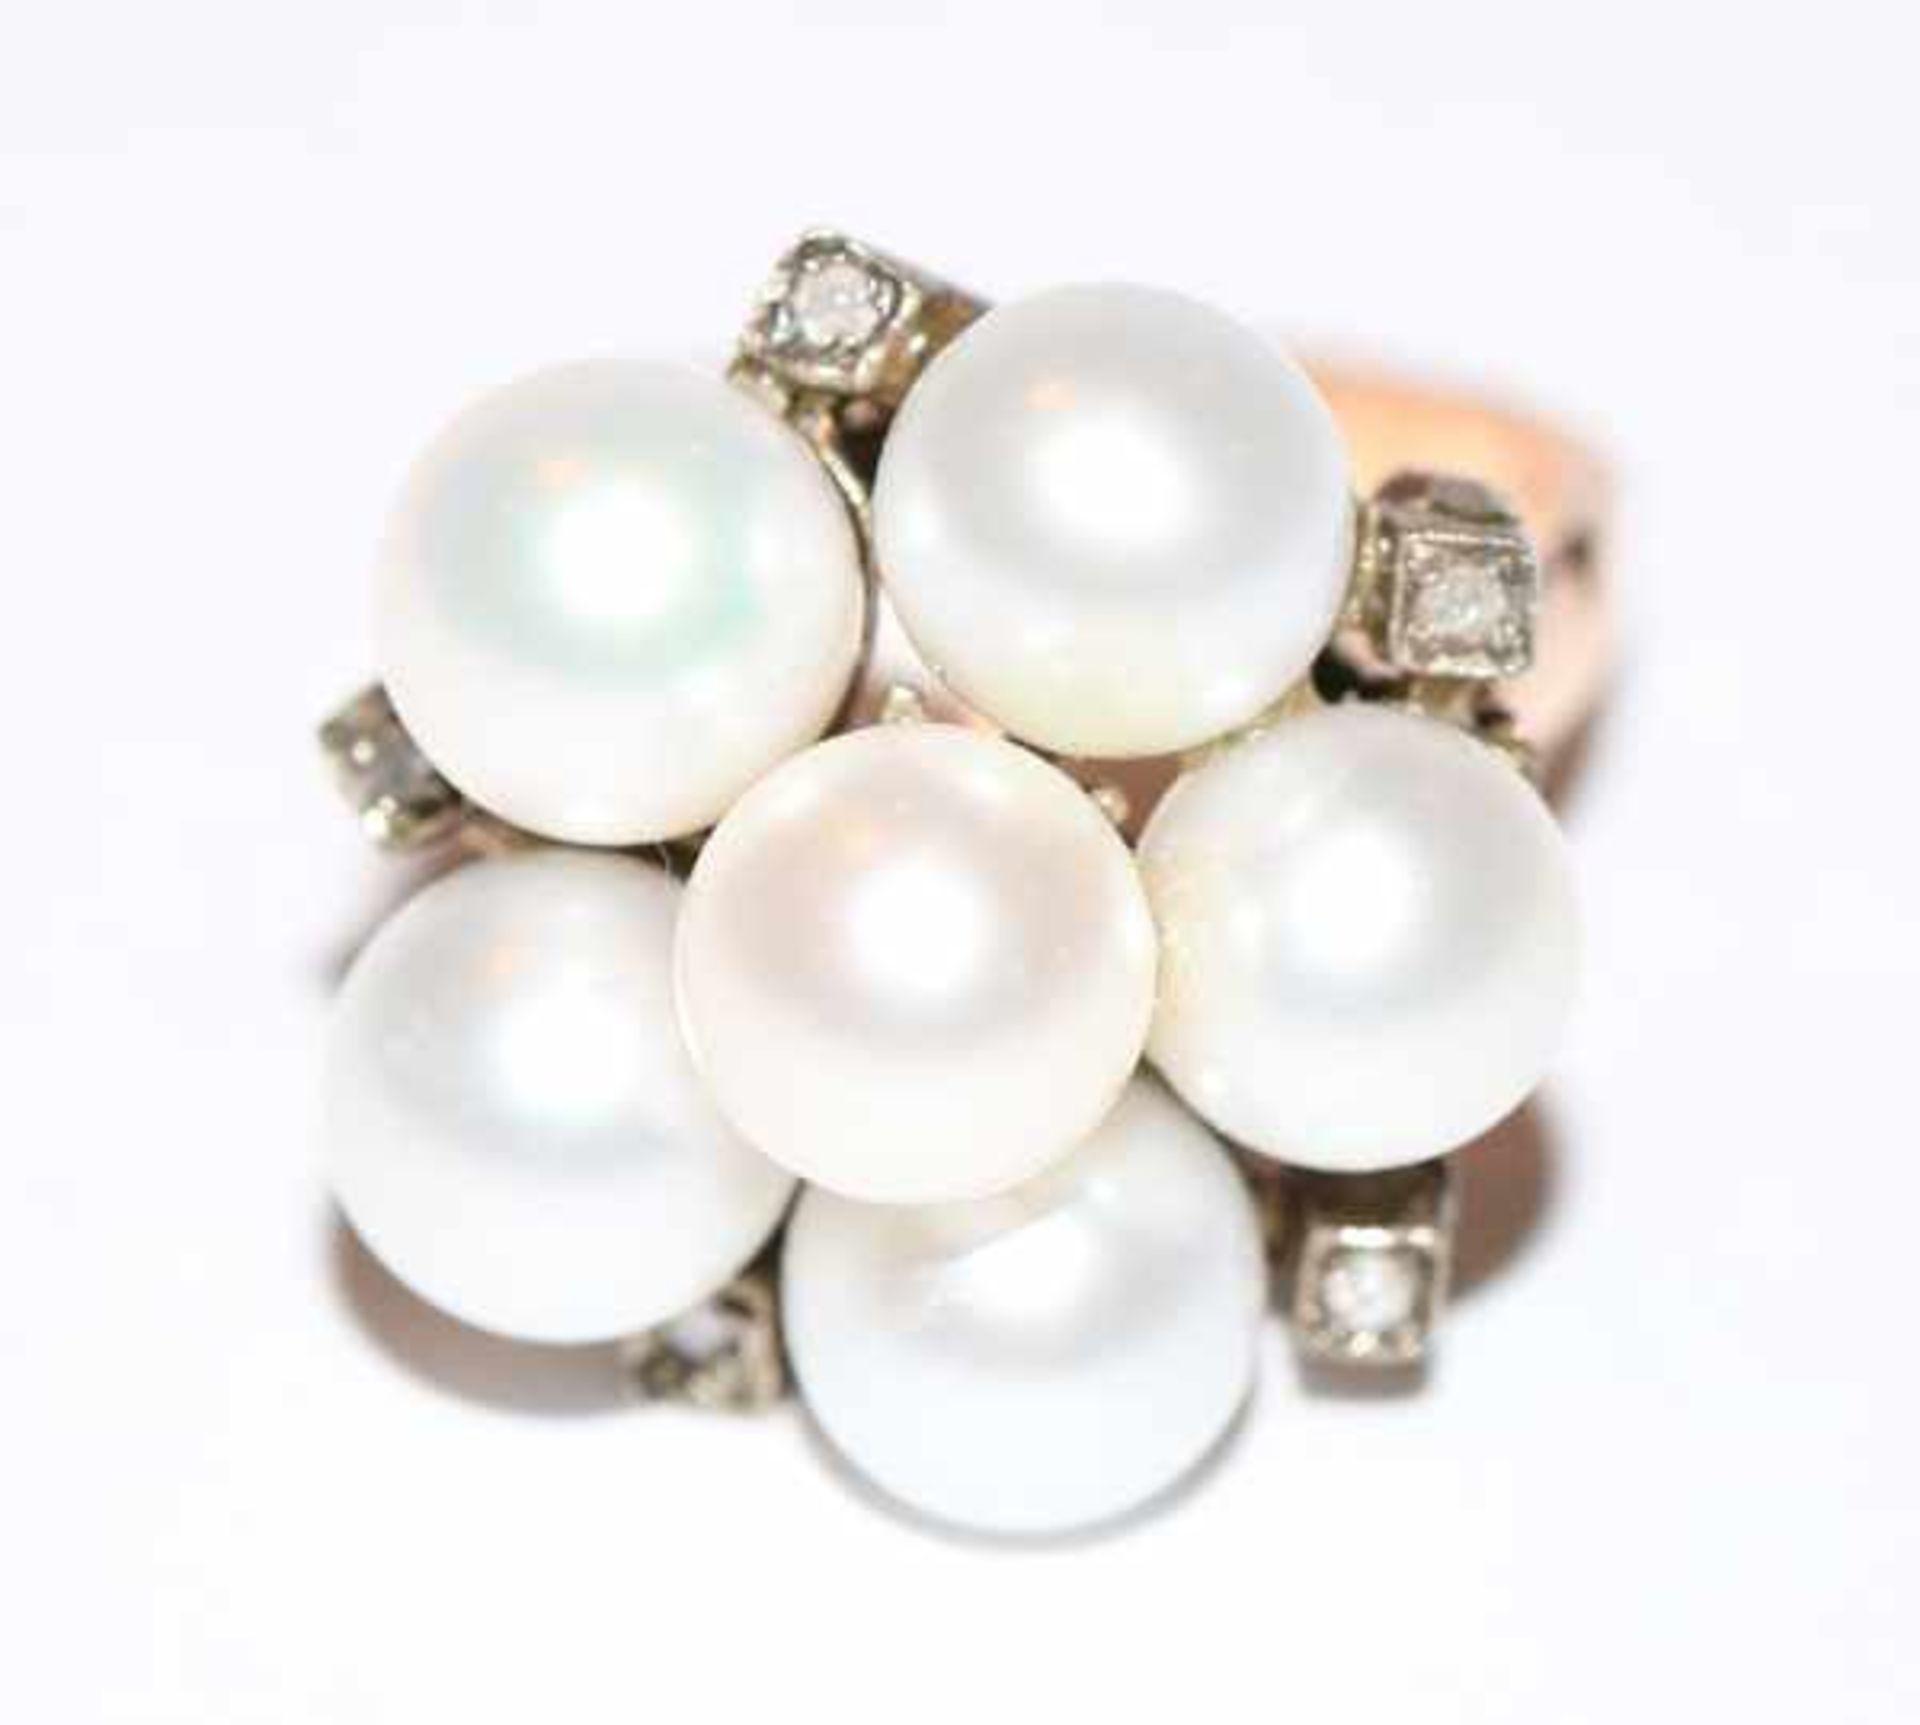 9 k Roségold Ring mit 6 Perlen und 5 kleinen Diamanten, Gr. 53